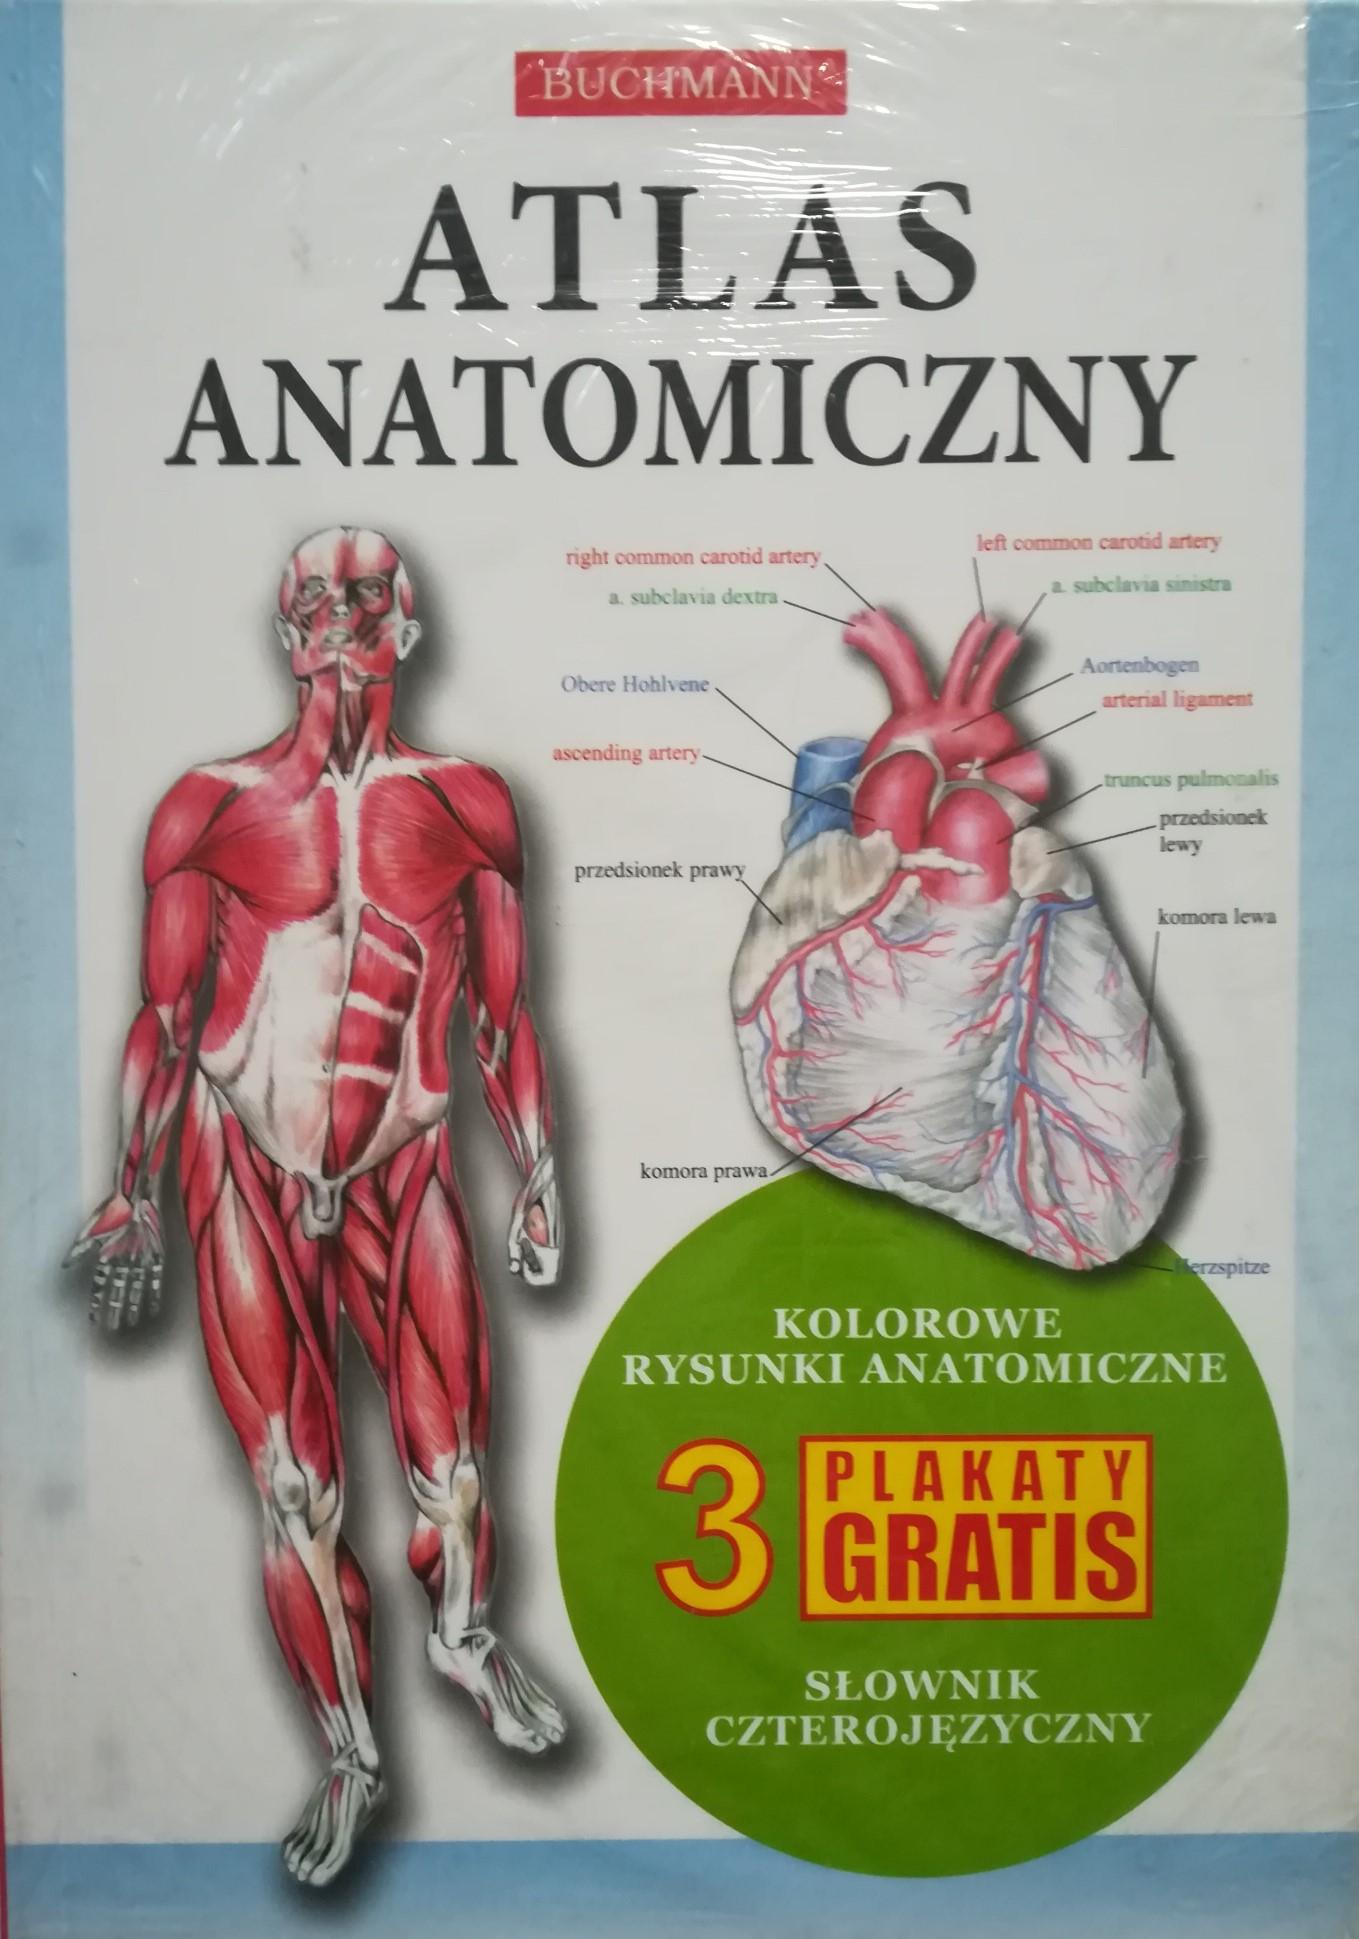 Atlas Anatomiczny Buchmann 3 Plakaty Nowa 7148276950